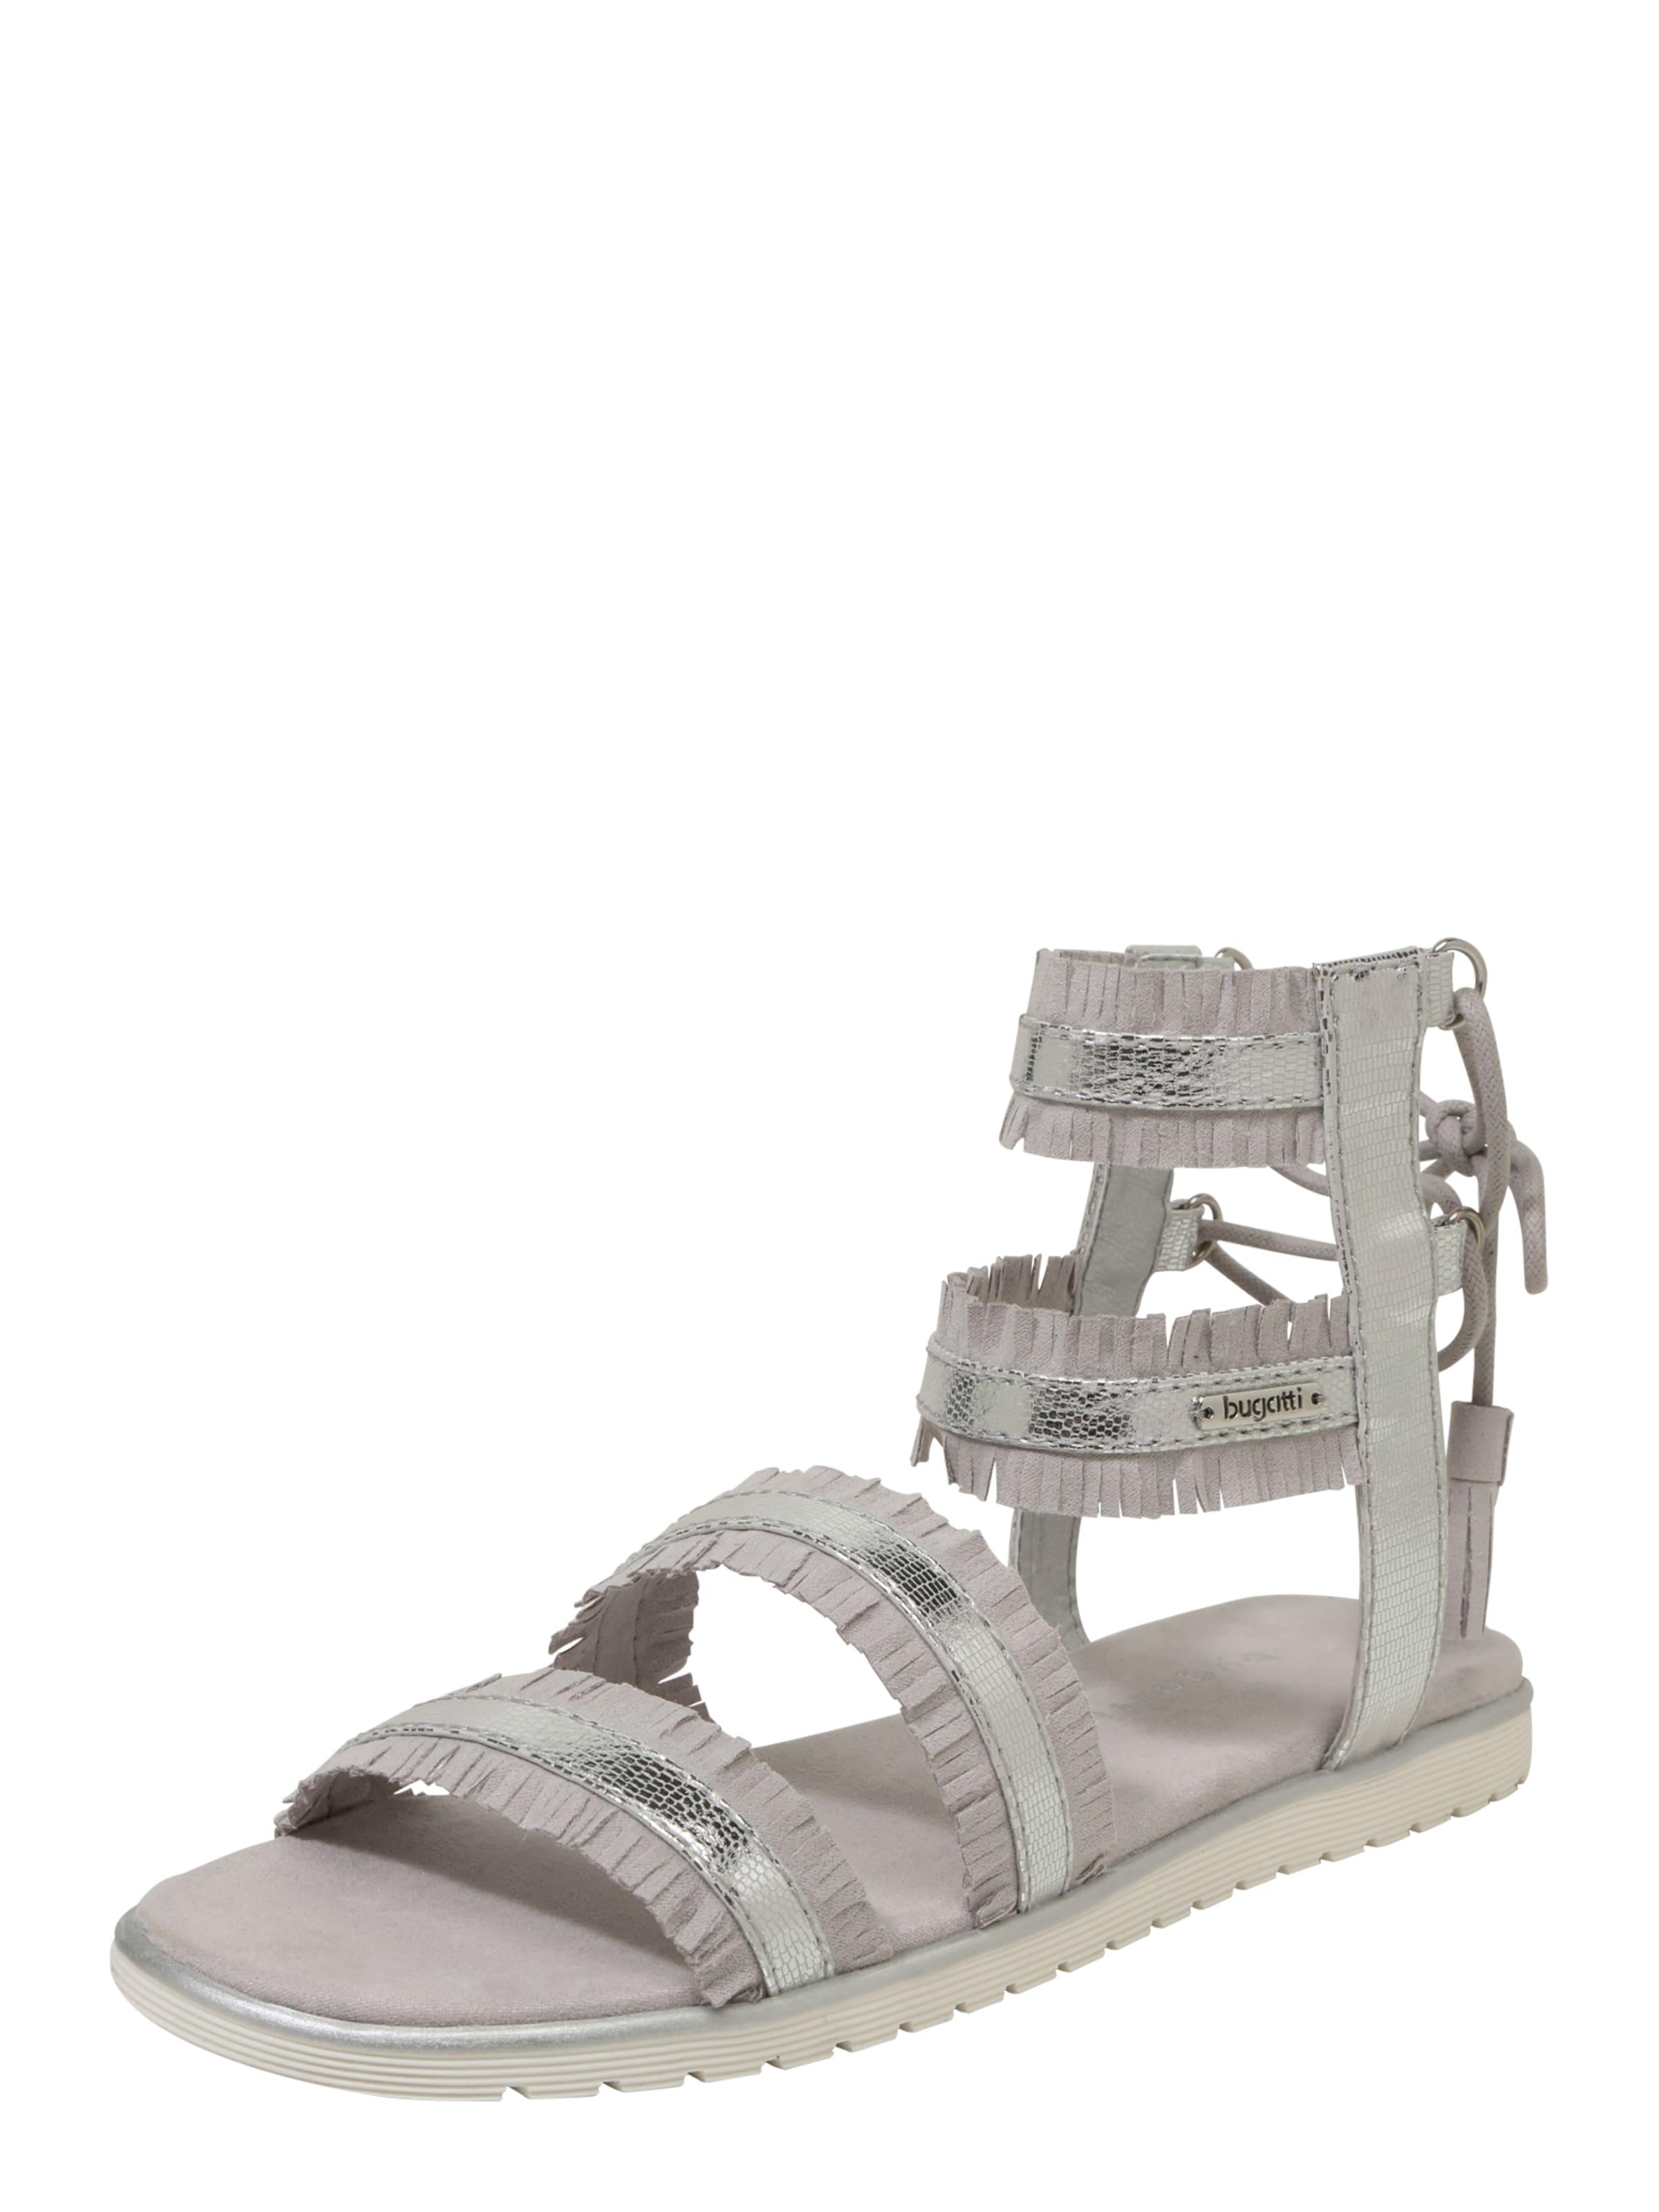 bugatti Sandalette im Römer-Look Verschleißfeste billige Schuhe